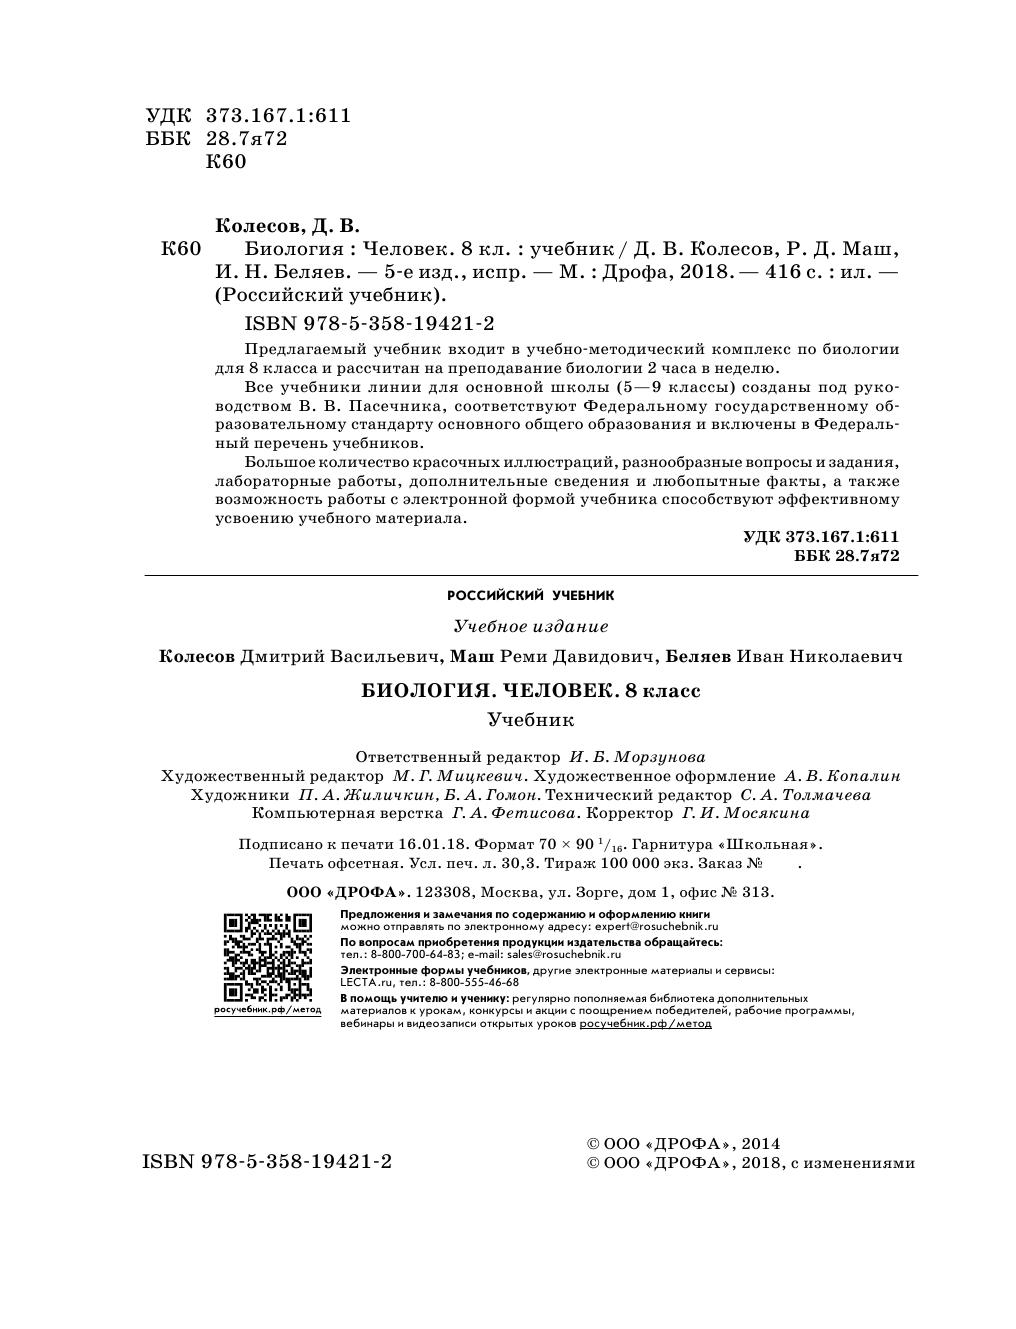 Гдз по биологои 8 класс учебник д.в.колесов 2002 год